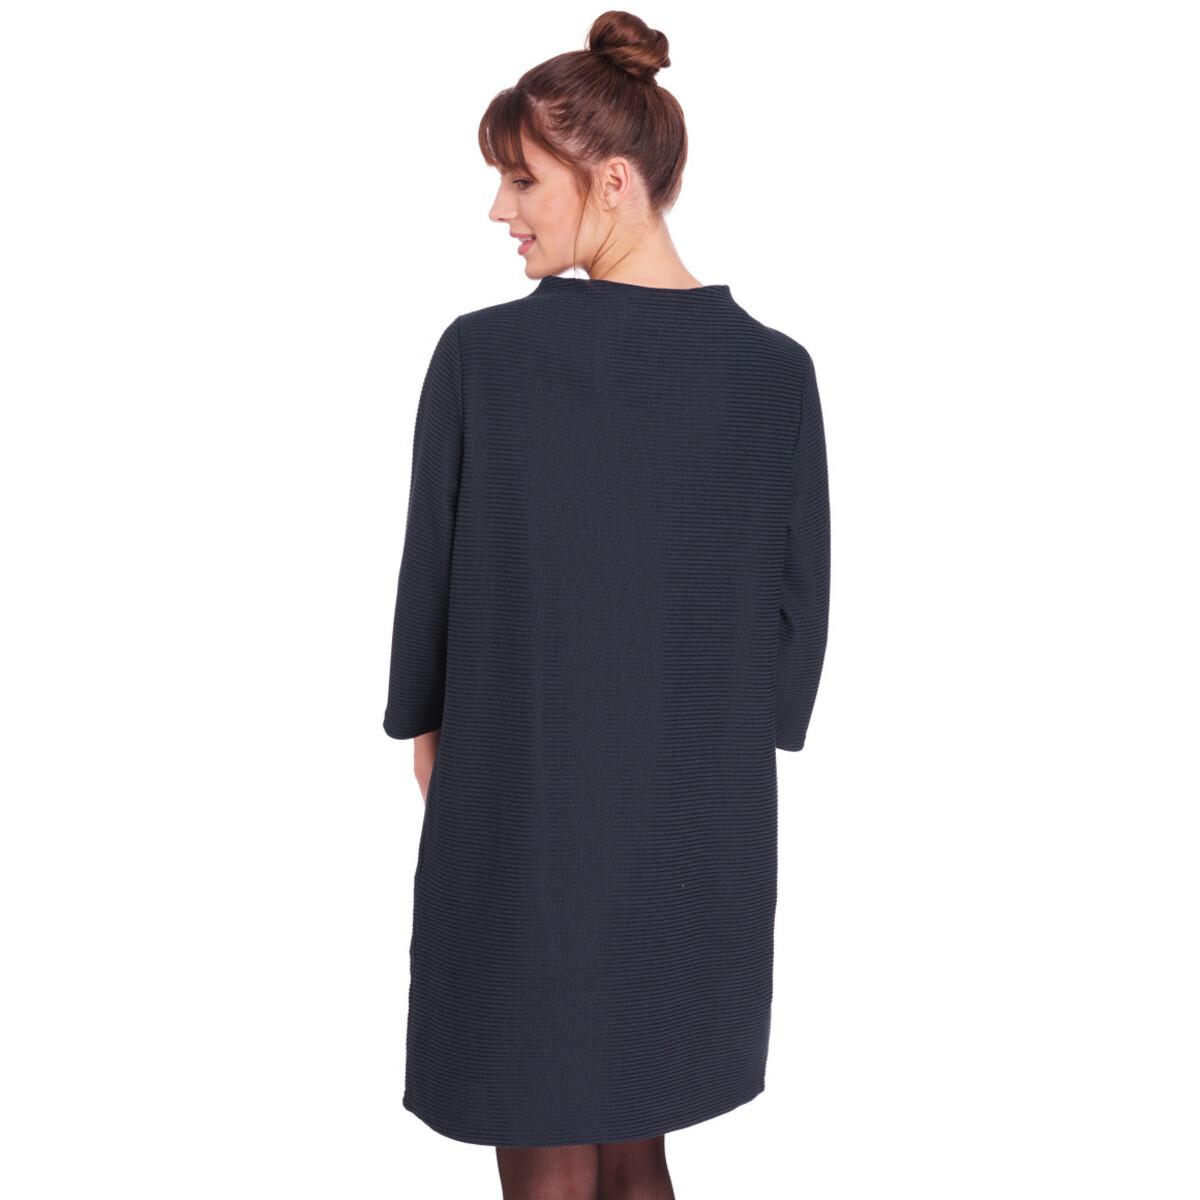 Bild 3 von Damen Kleid mit Querrippen